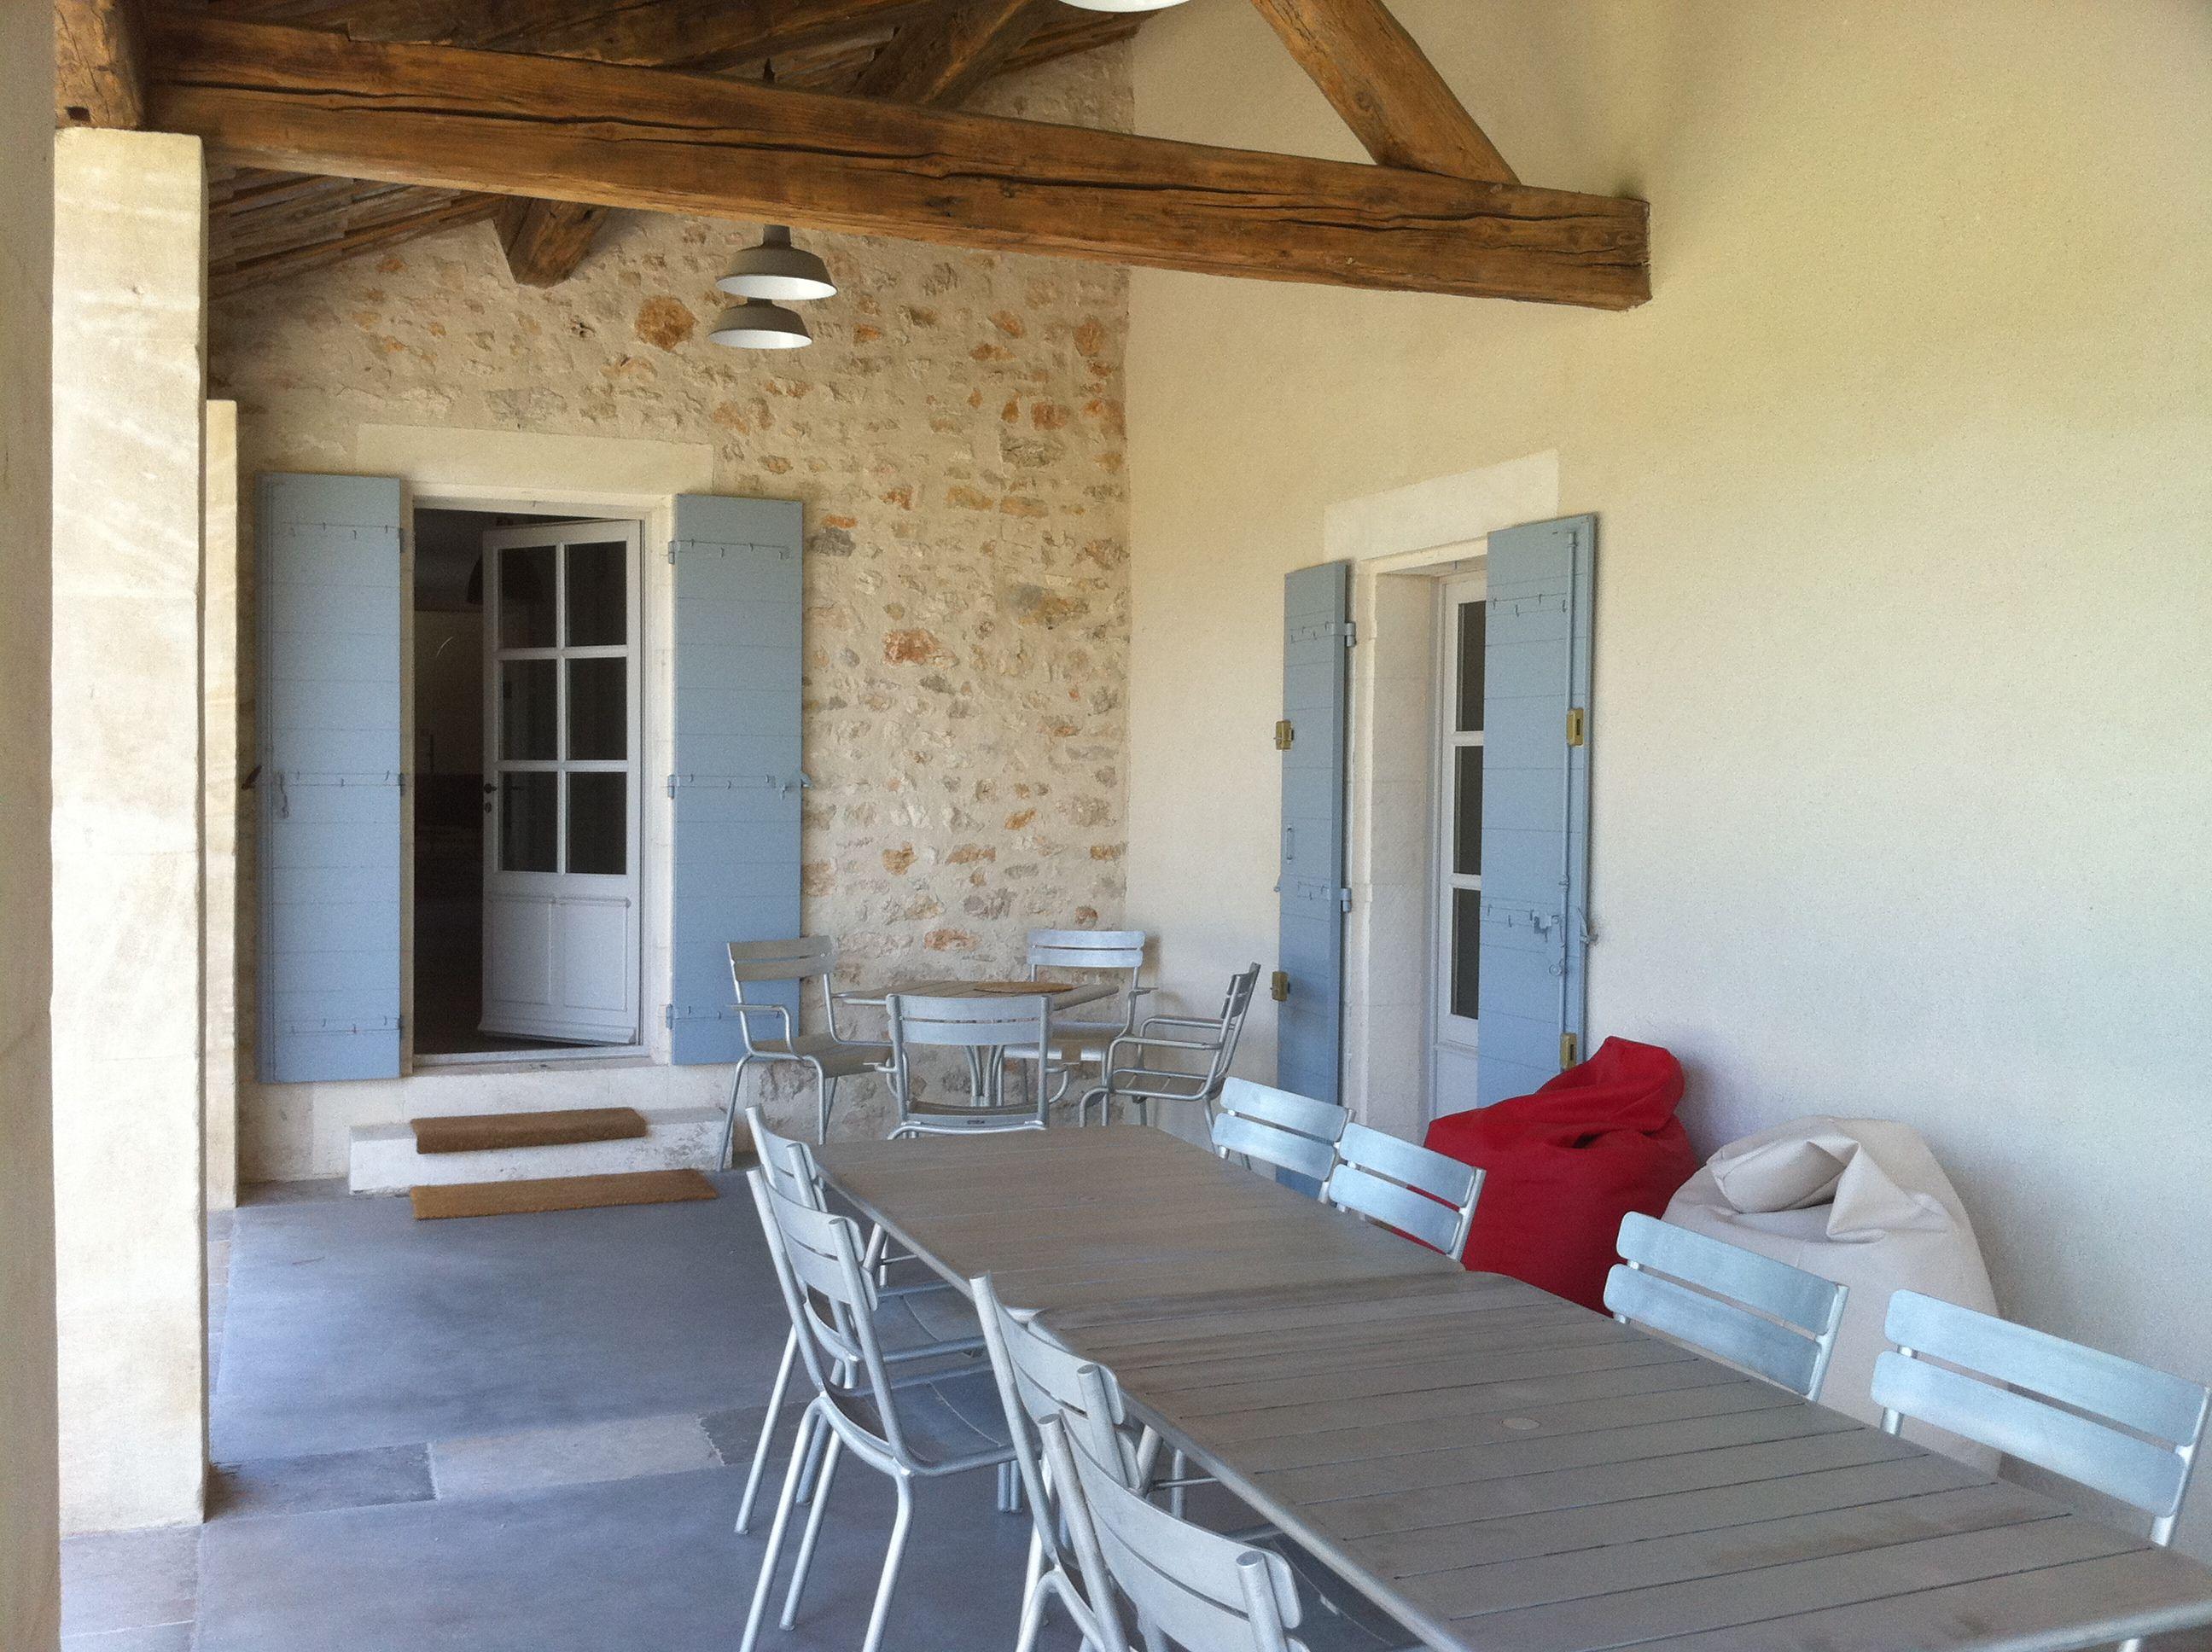 Couleur Volet En Provence pelissier: volets bleu-gris | volets bleus, amenagement